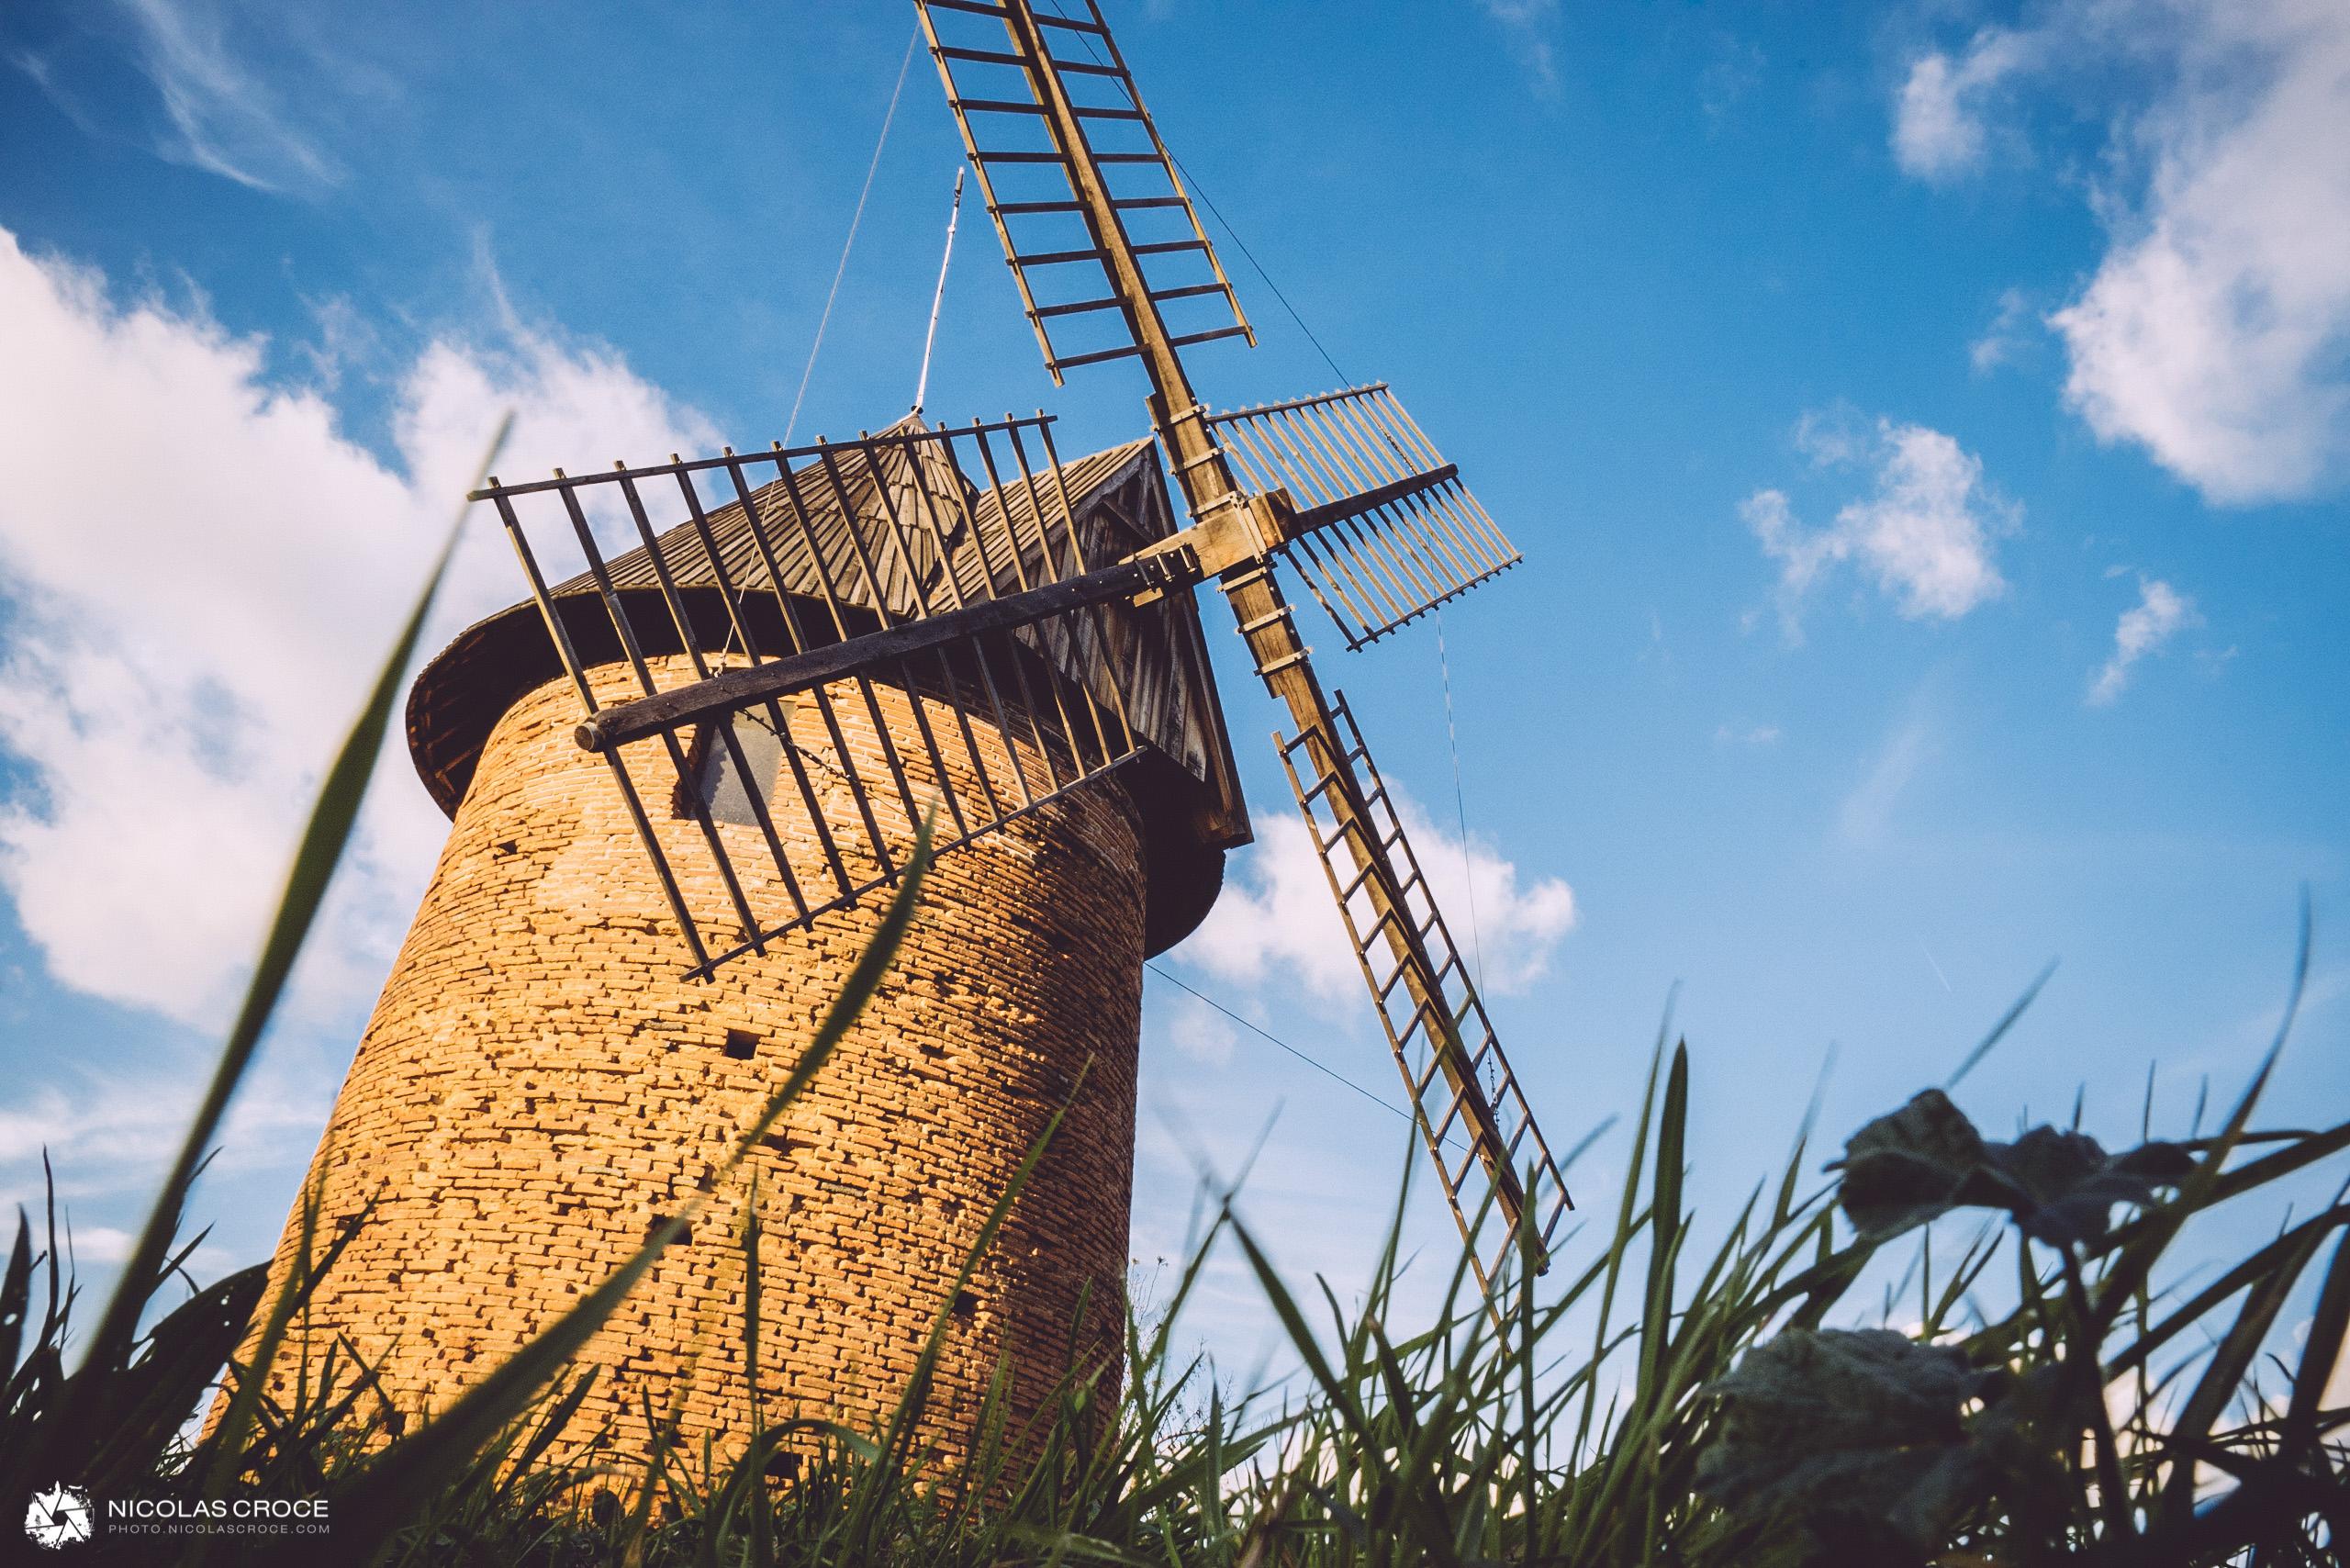 Le moulin à vent de saint-martin-du-touch